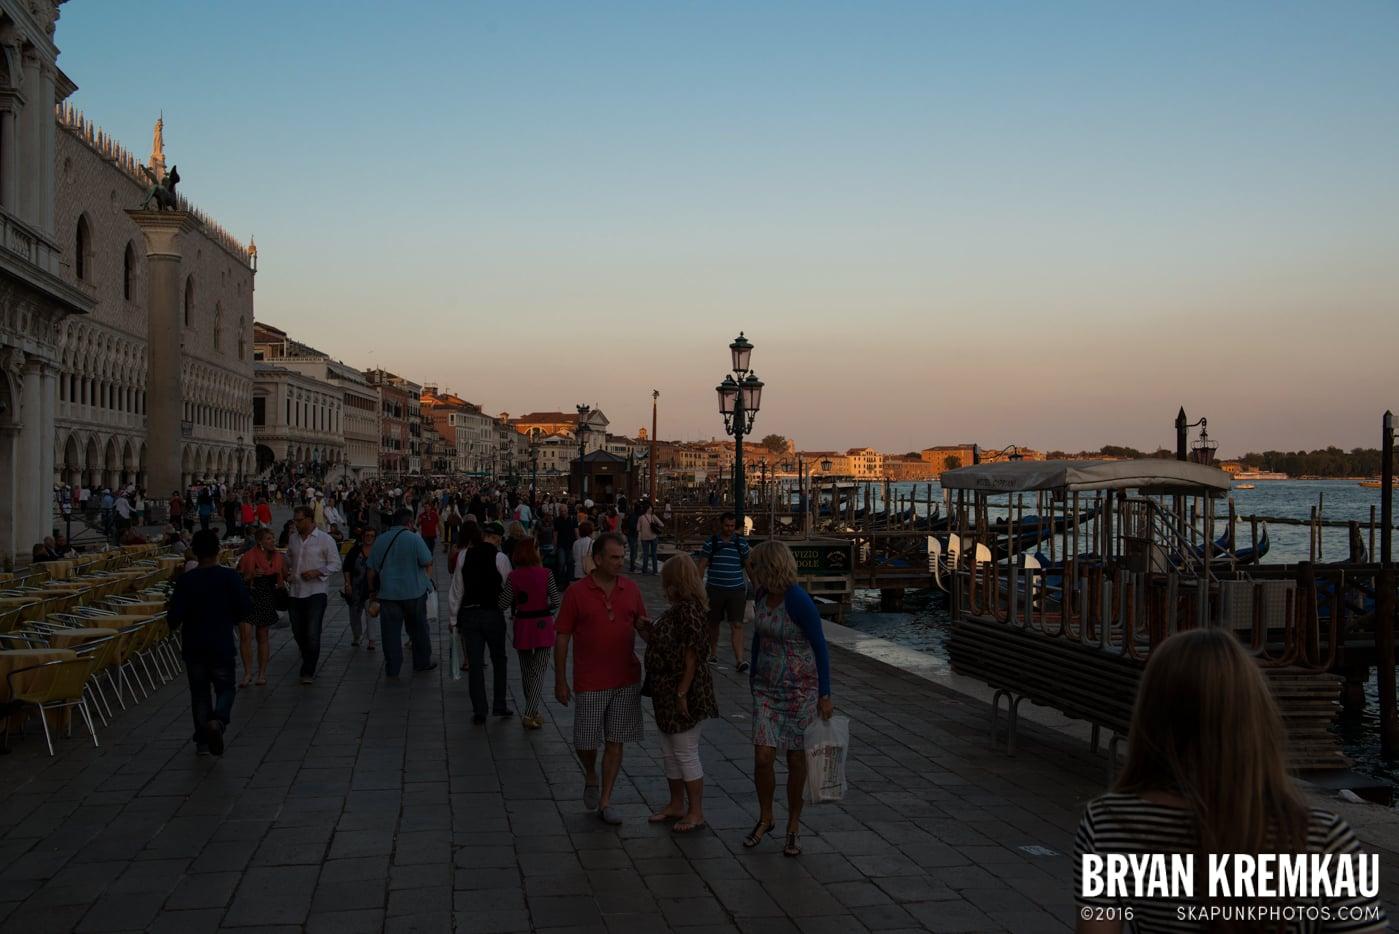 Italy Vacation - Day 5: Venice - 9.13.13 (6)